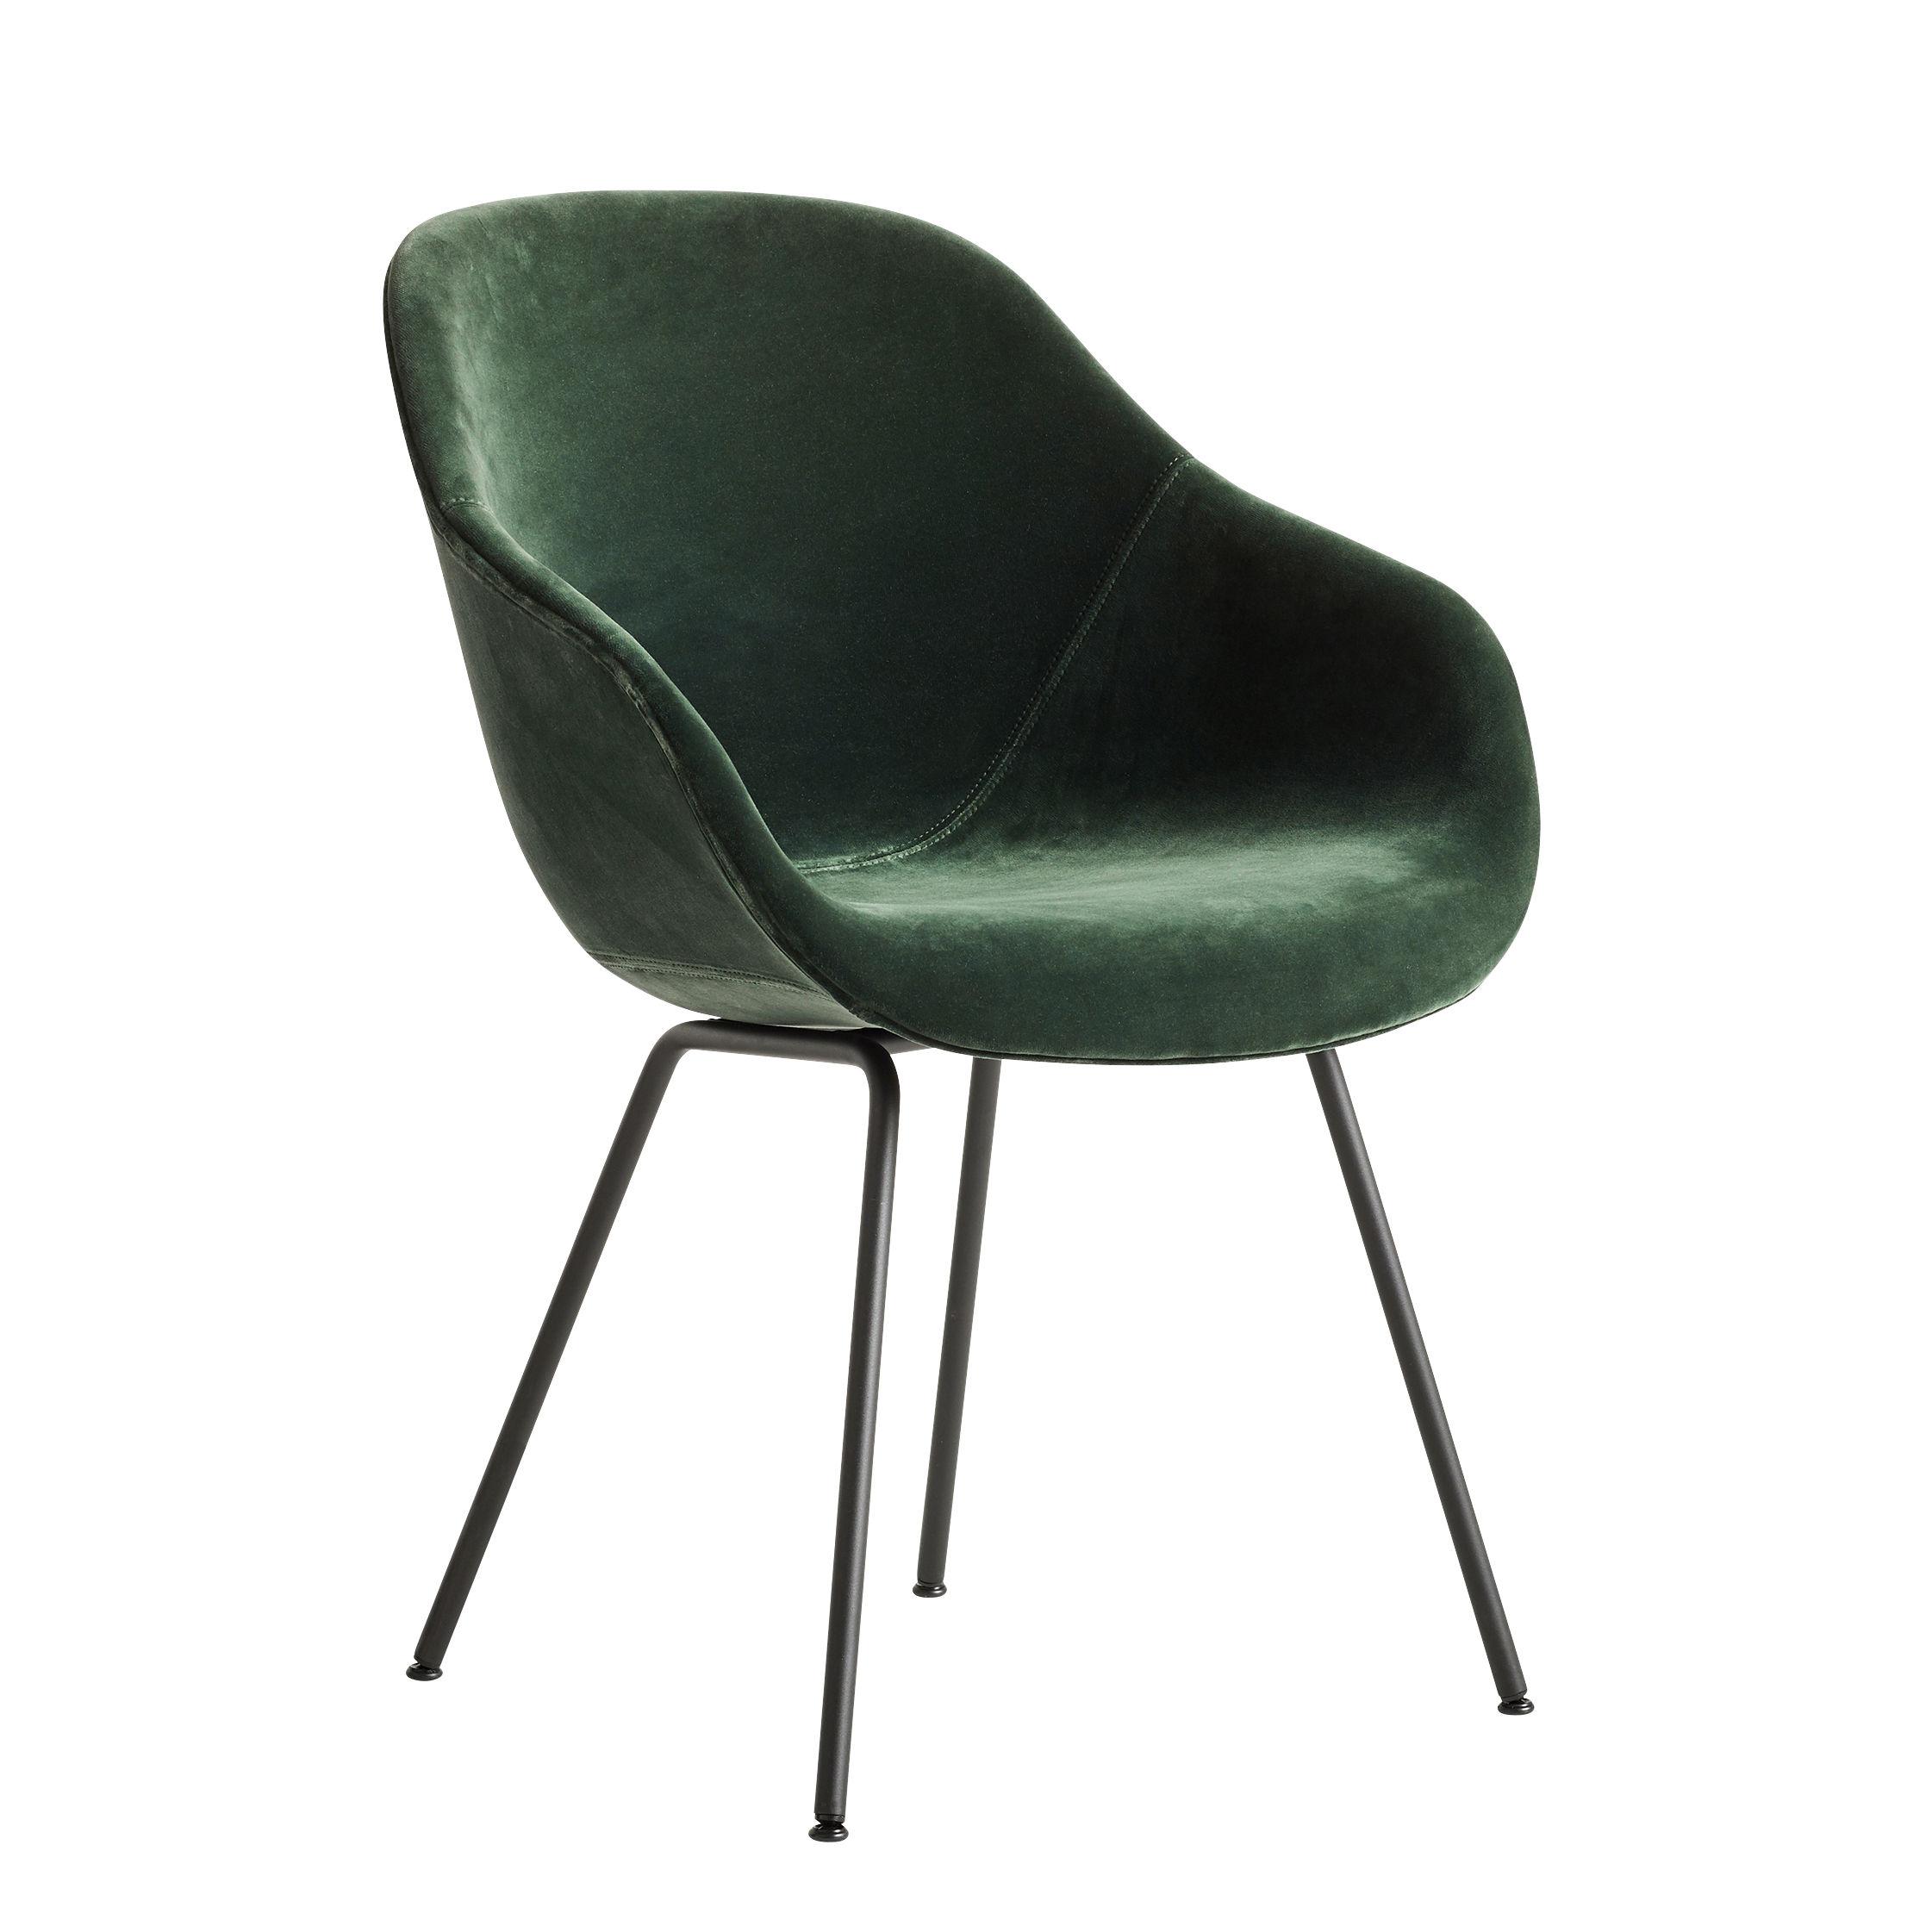 Möbel - Stühle  - About a chair AAC127 Gepolsterter Sessel / Hohe Rückenlehne - Ganz mit Velours bezogen & Metall - Hay - Grüner Velours / Füße schwarz - Polyurethan-Schaum, thermolackierter Stahl, Velours, verstärktes Polypropylen